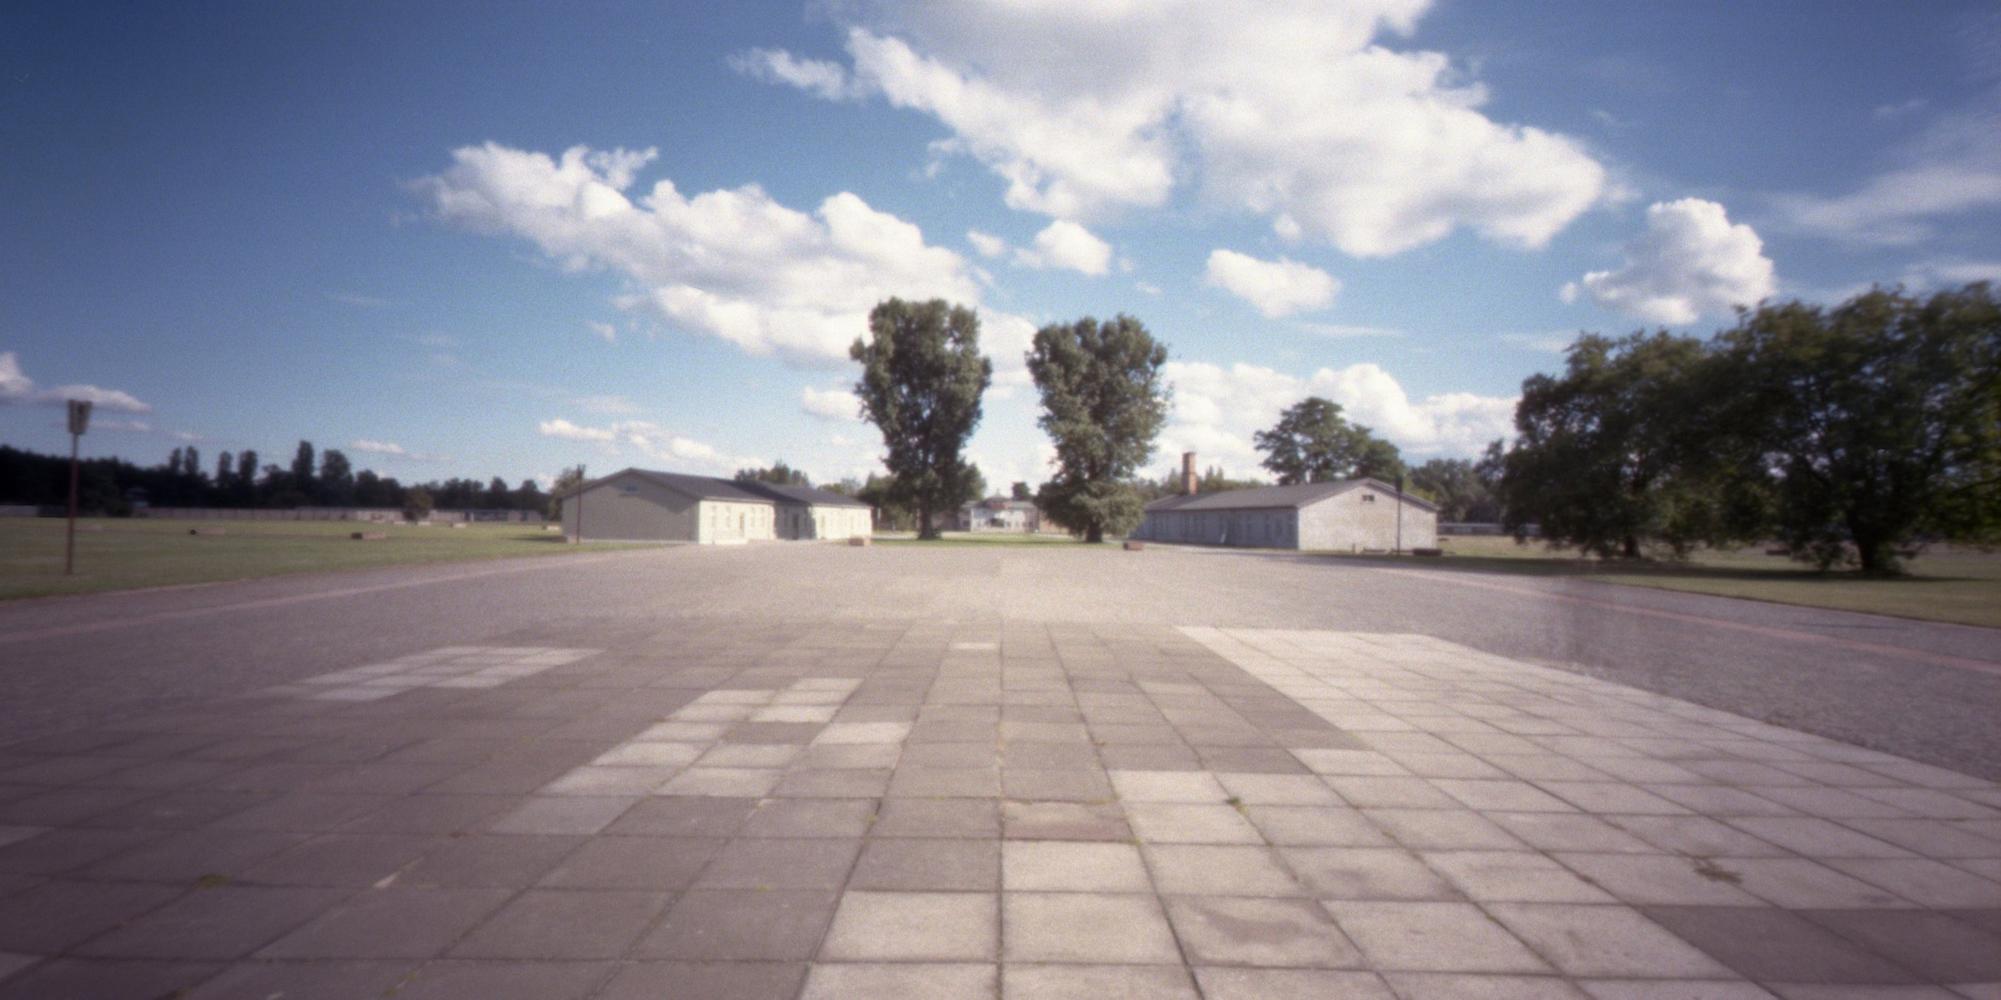 Sachsenhausen, Oranienburg, Germany.